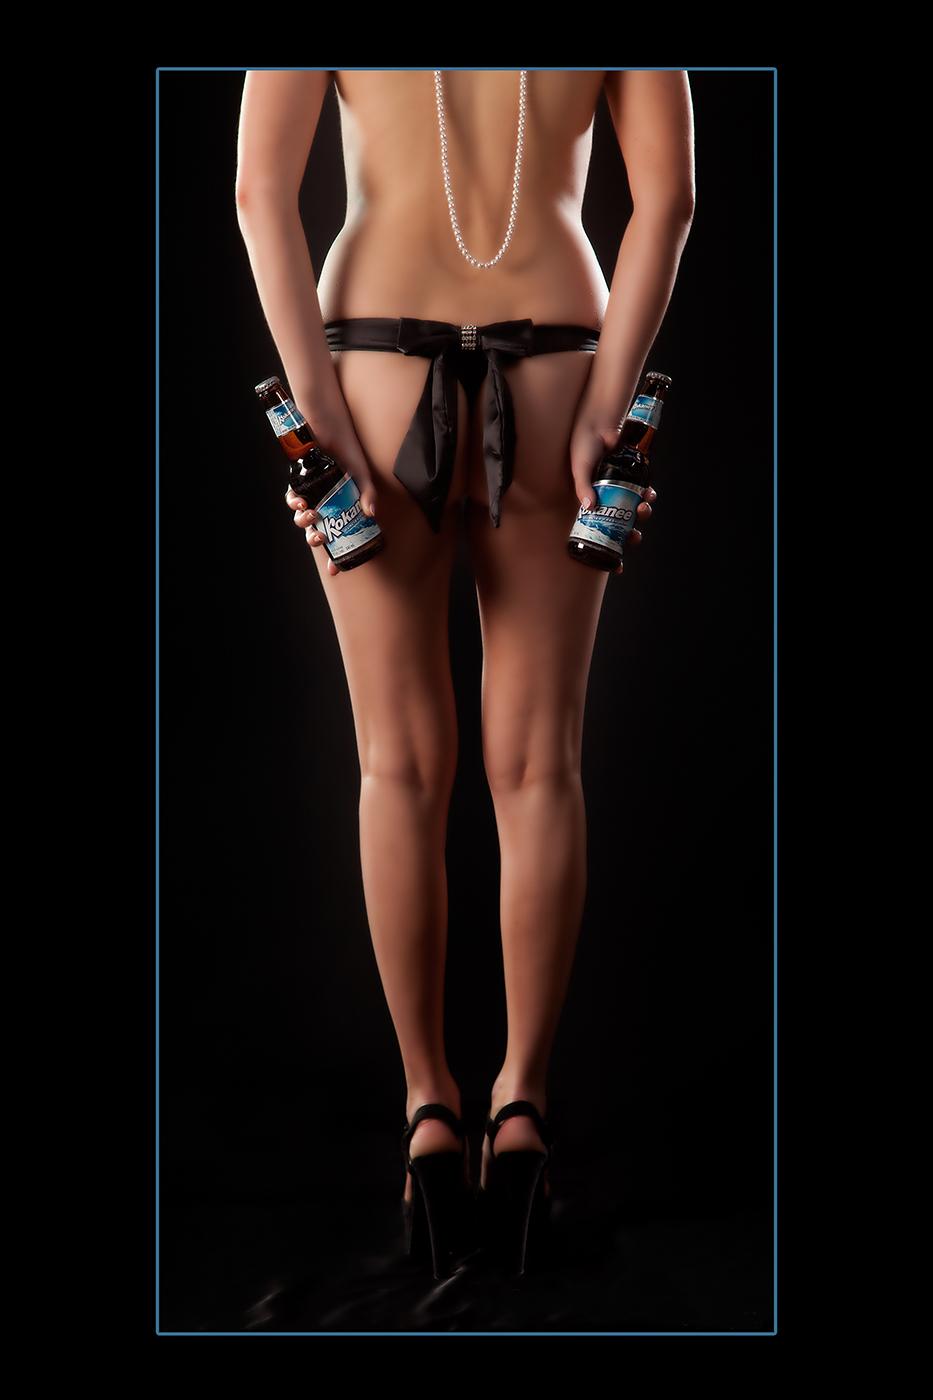 #photographer #photo #boudoir #boudior #yeg